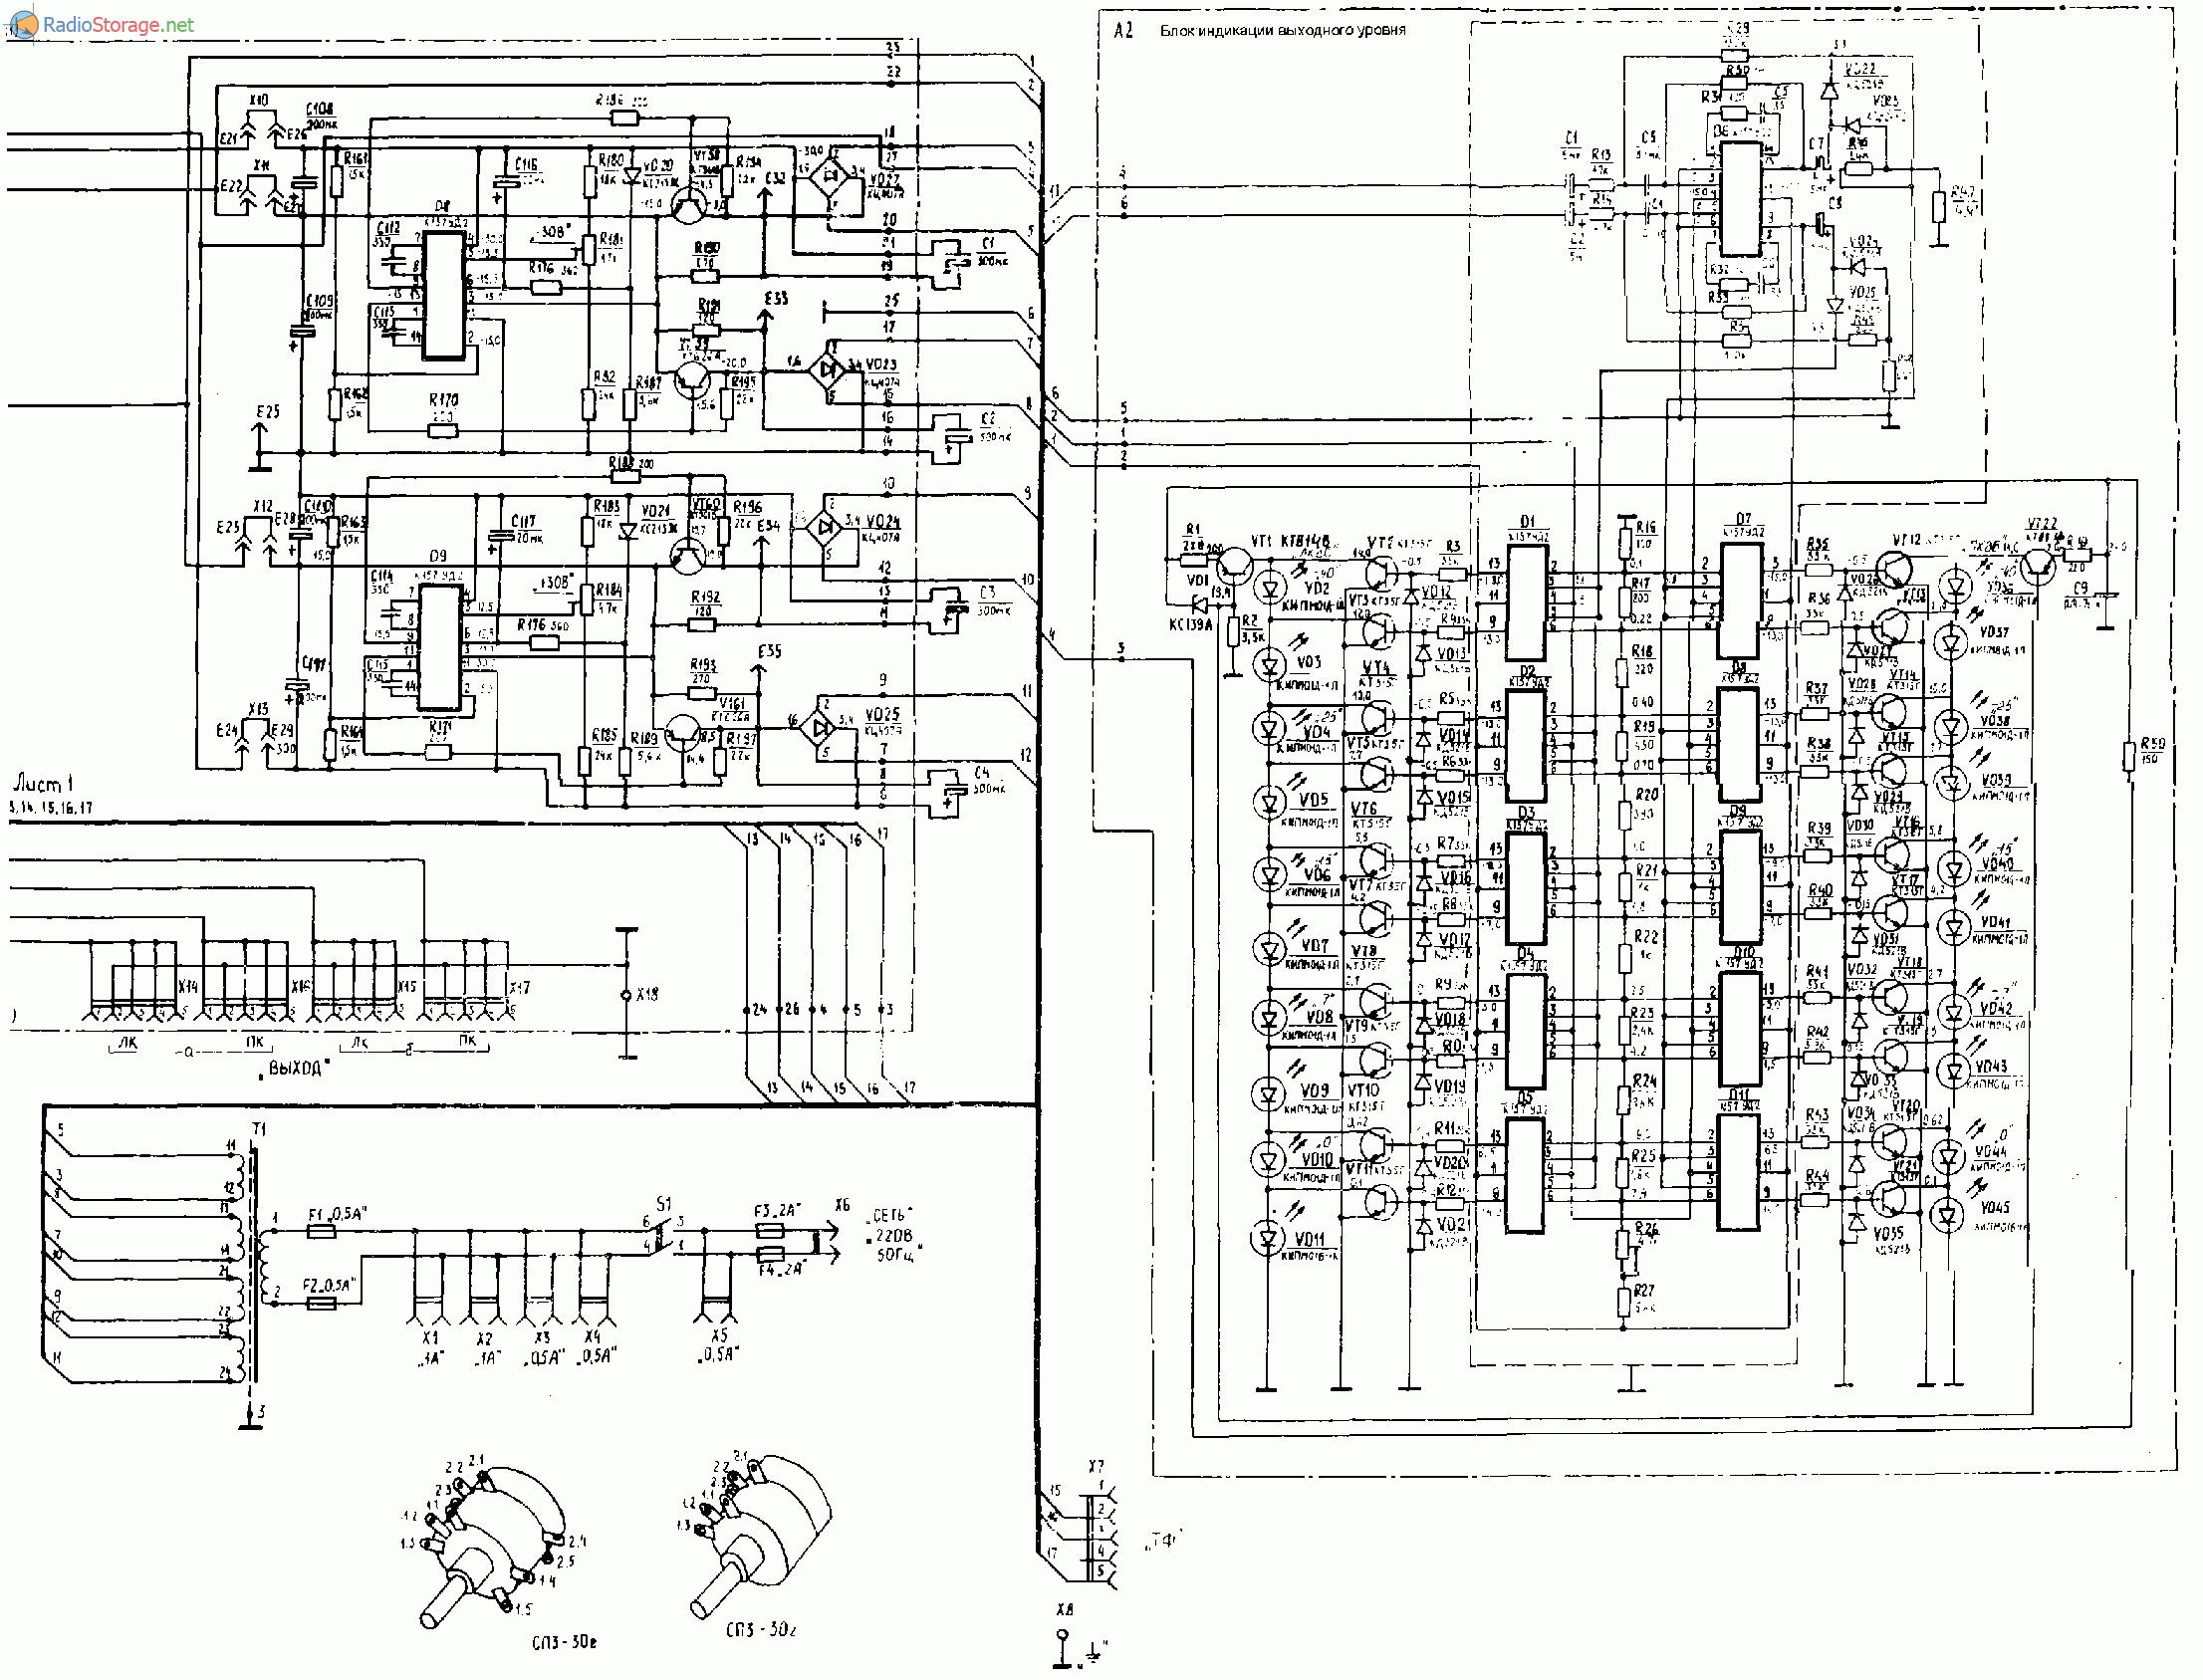 ghtlecbkbntkm схема